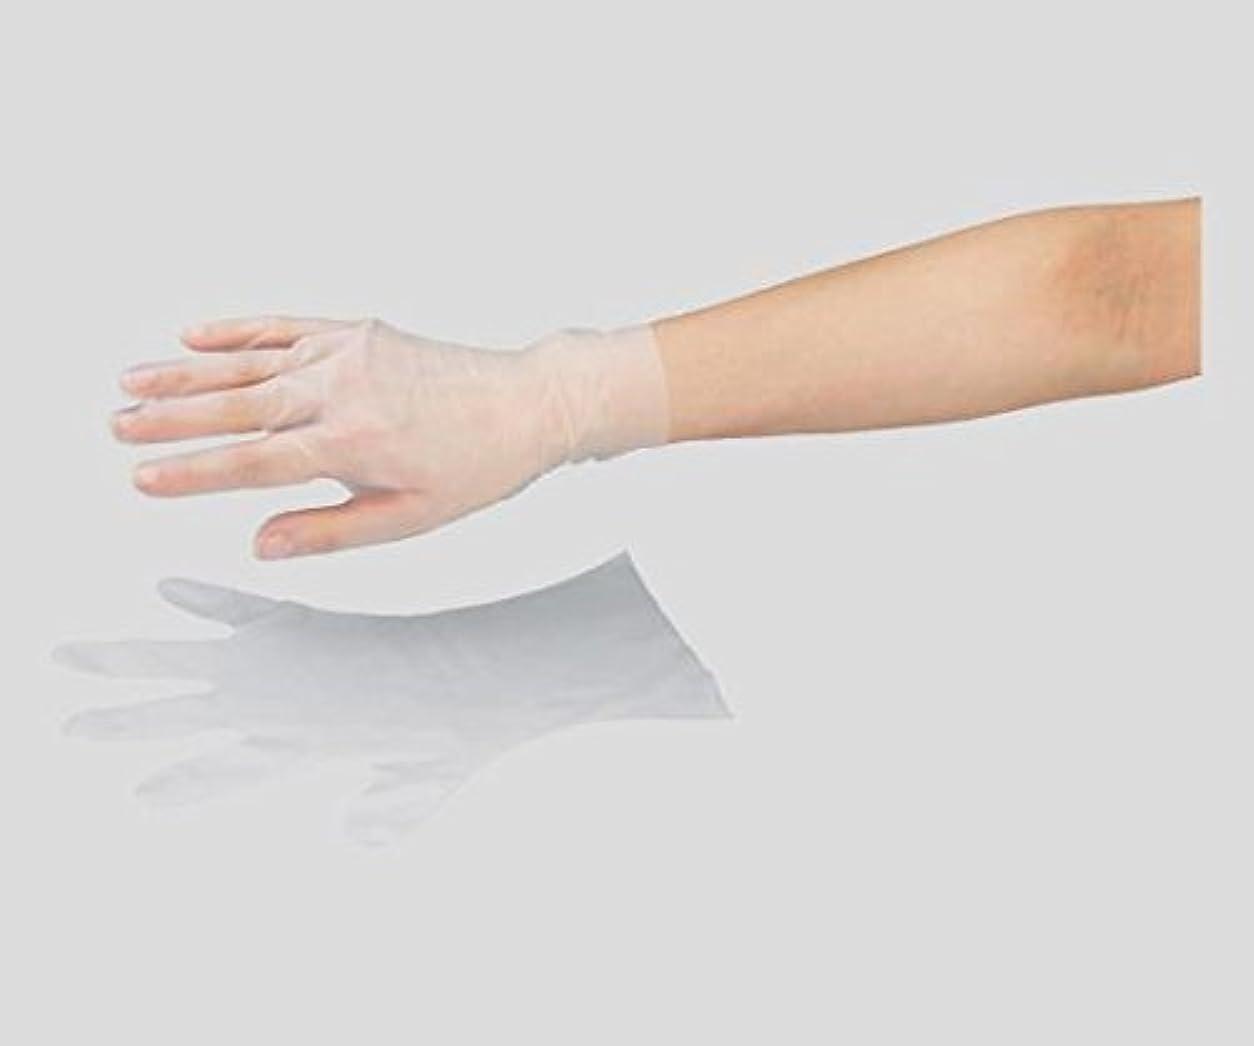 アズワン1-1683-02フィット手袋S